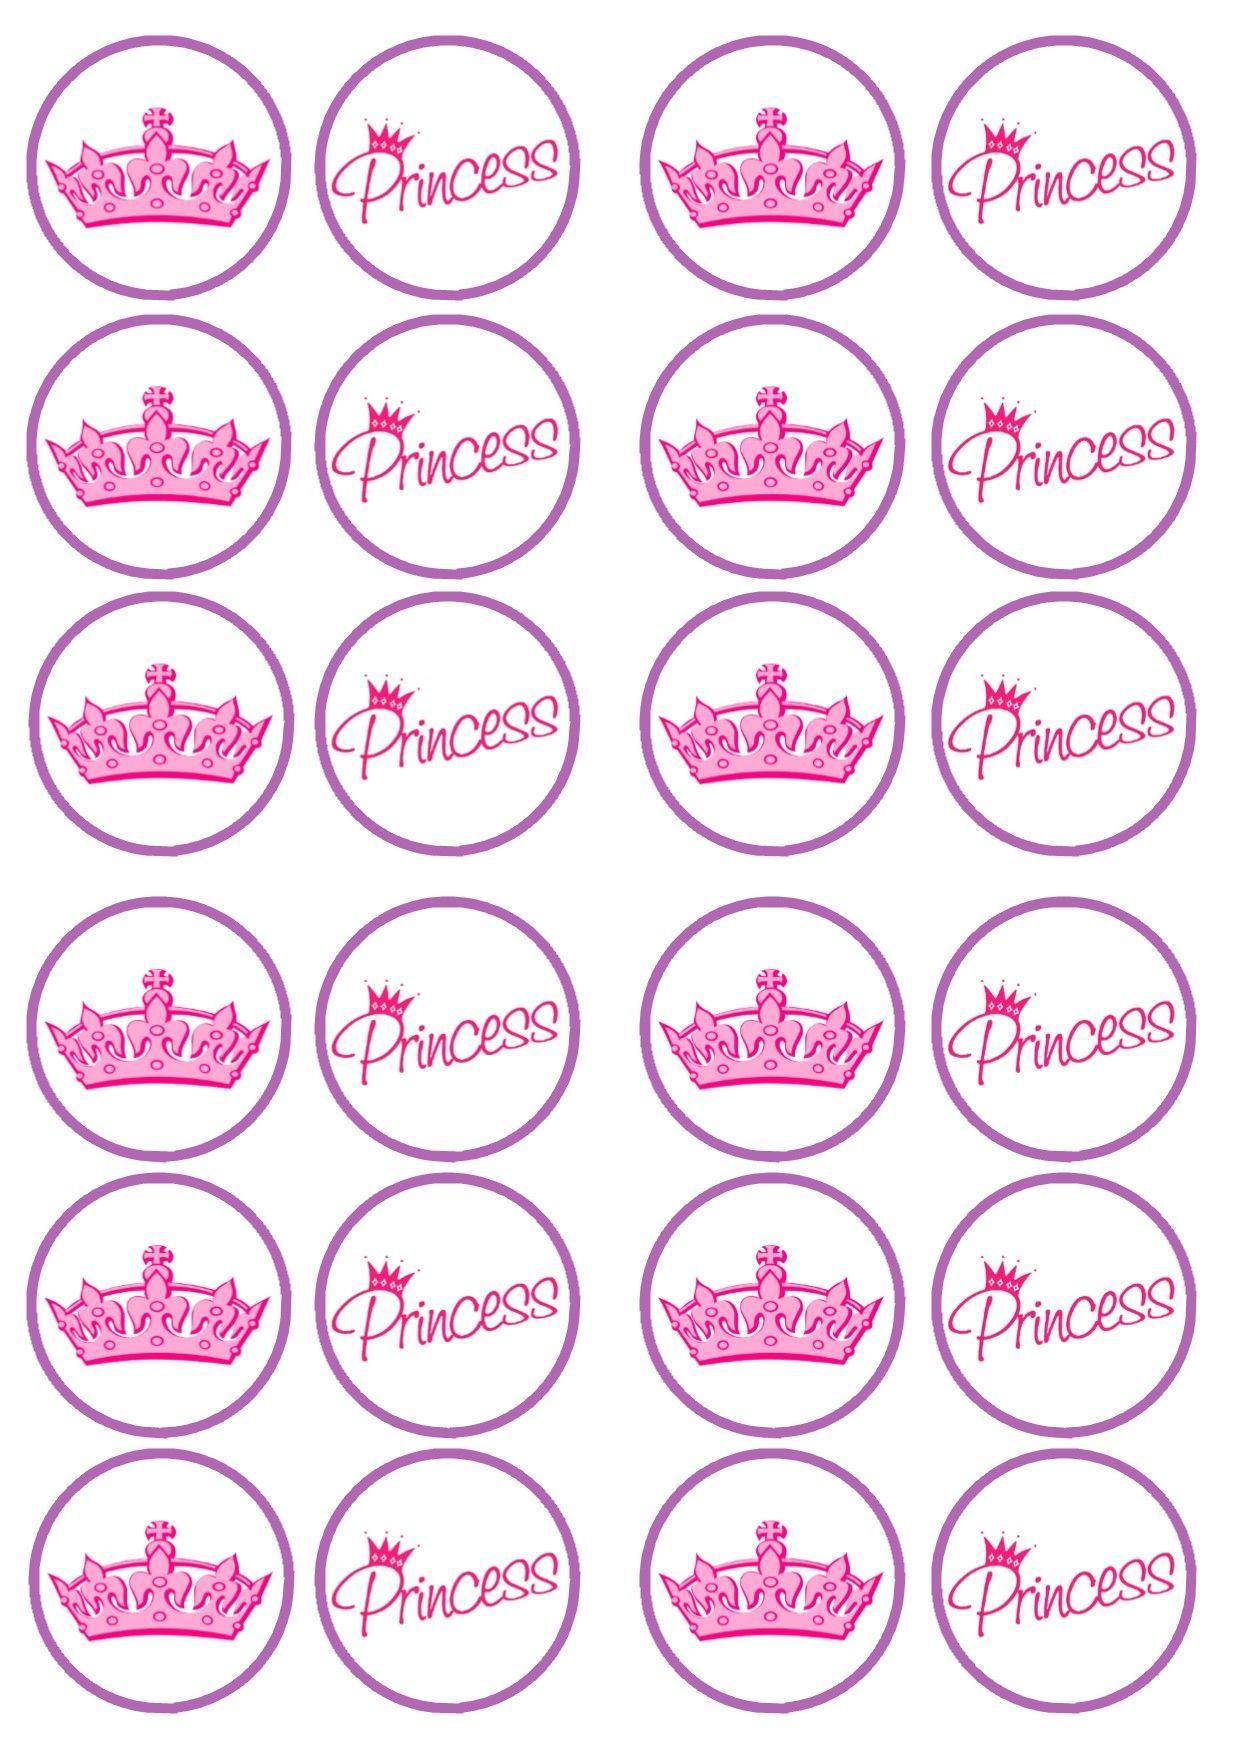 Free Printable Princess Birthday Cupcake Toppers   Princess - Free Printable Barbie Cupcake Toppers